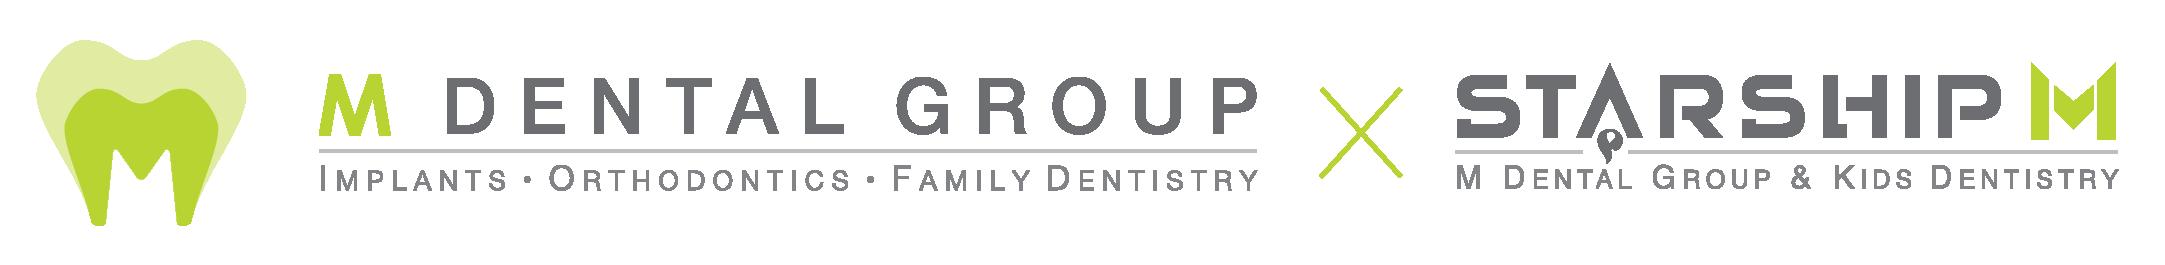 M Dental Group